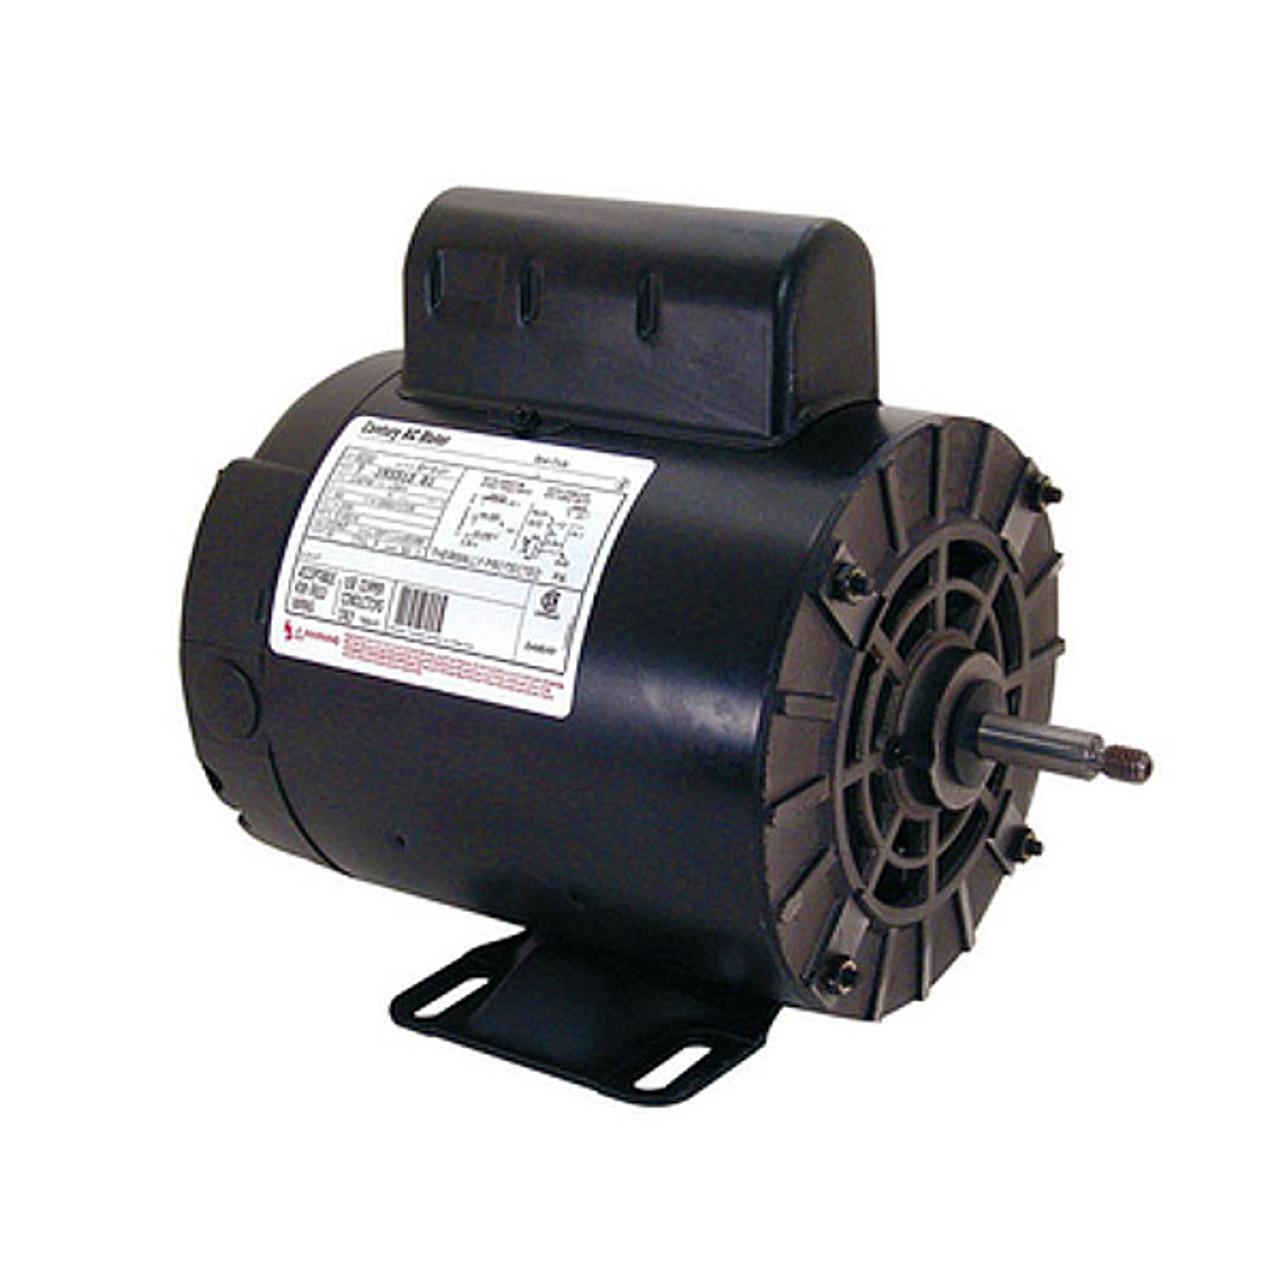 Jacuzzi Pump Motors Wiring Diagrams. . Wiring Diagram on